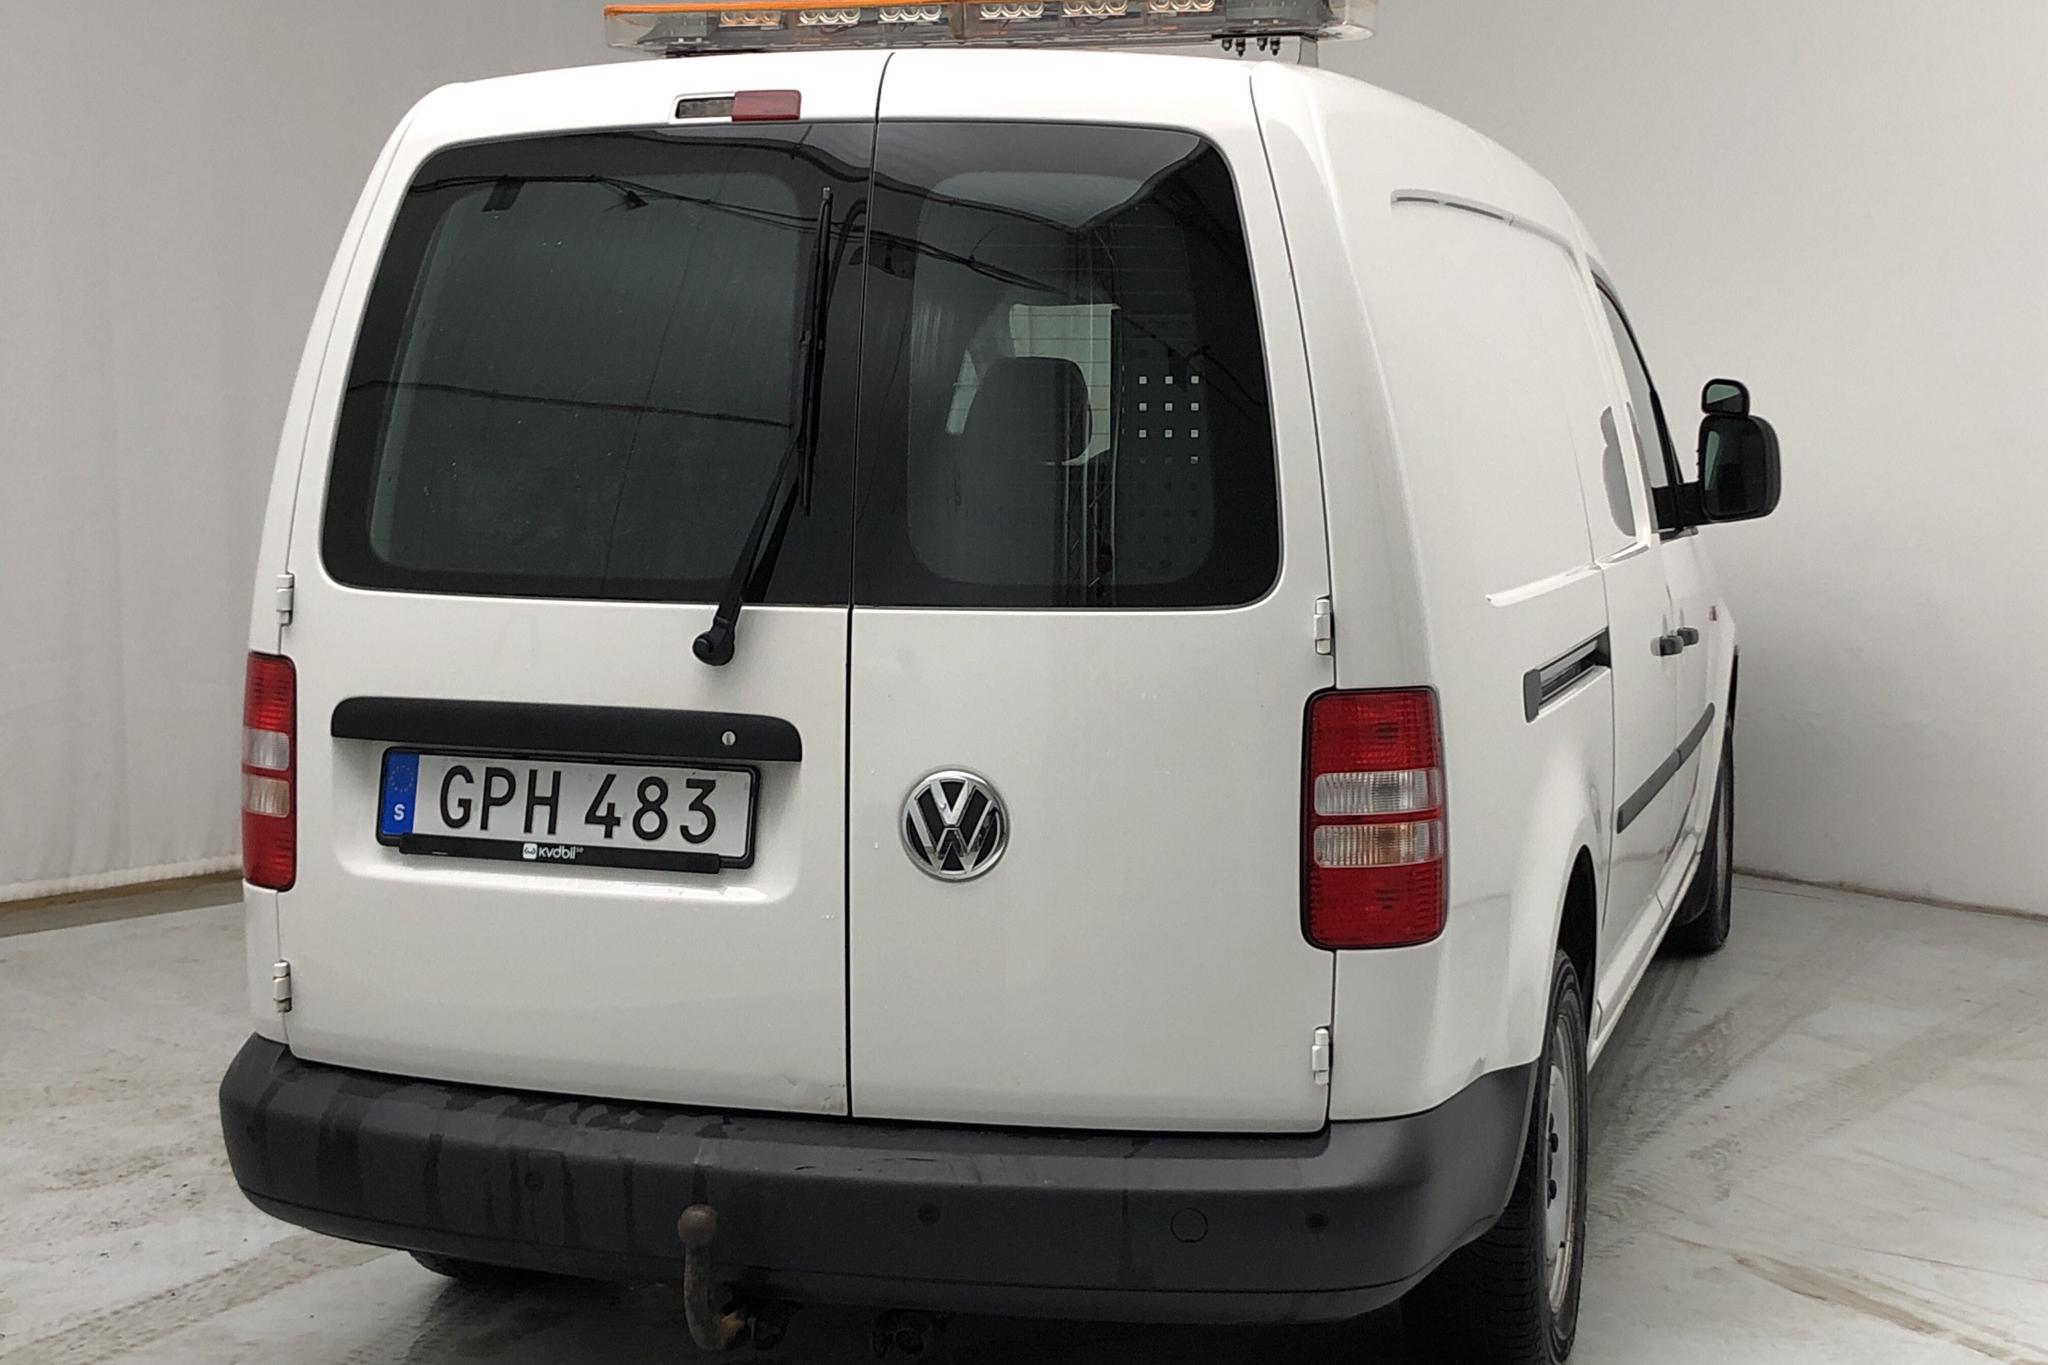 VW Caddy 1.6 TDI Maxi Skåp (102hk) - 6 510 mil - Automat - vit - 2015